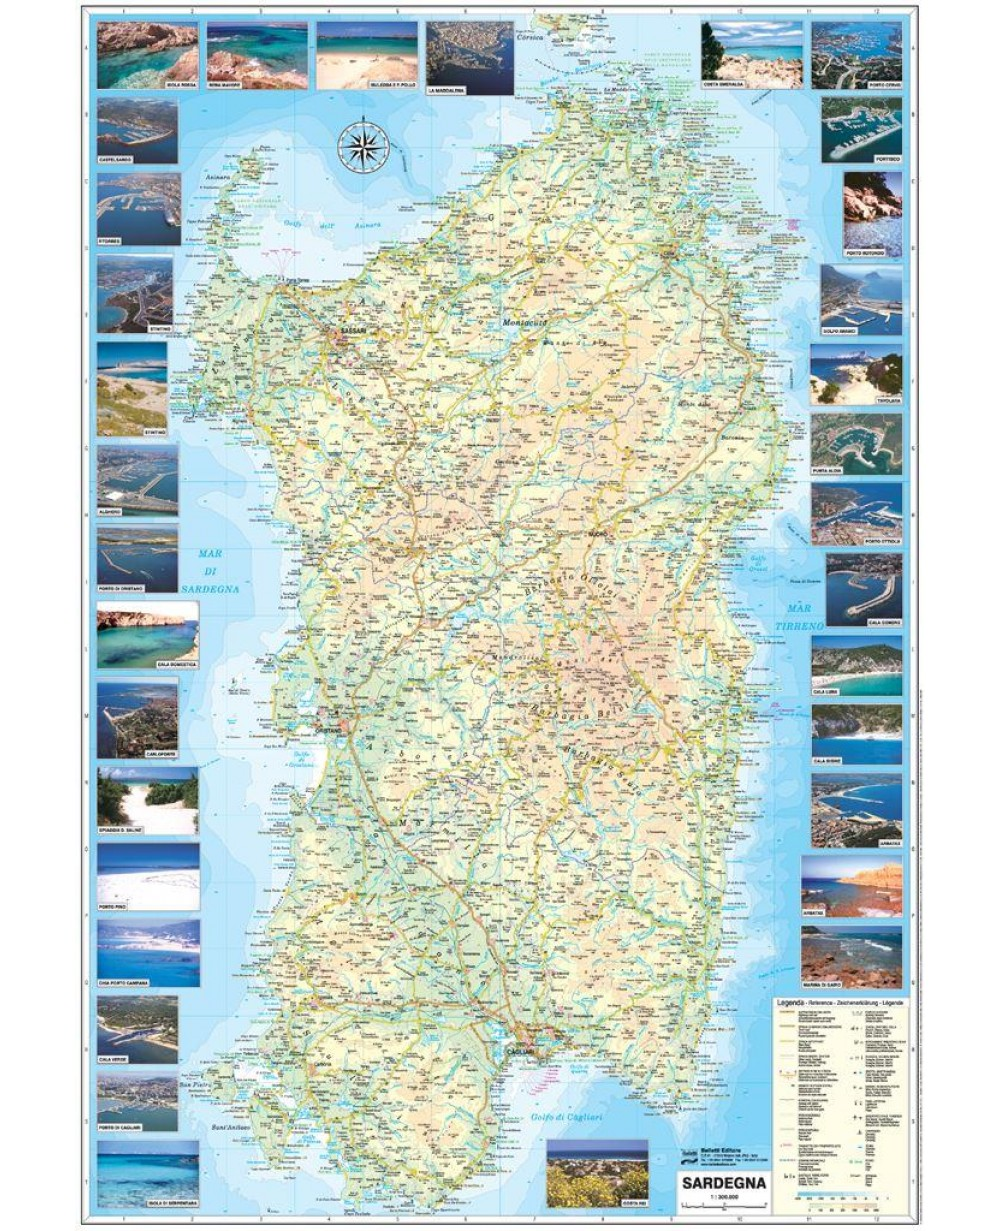 Cartina Spiaggie Sardegna.Librolandia It Il Negozio Online Giochi Carnevale Scuola 1 Cartina Sardegna Spiagge E Porti 1 300000